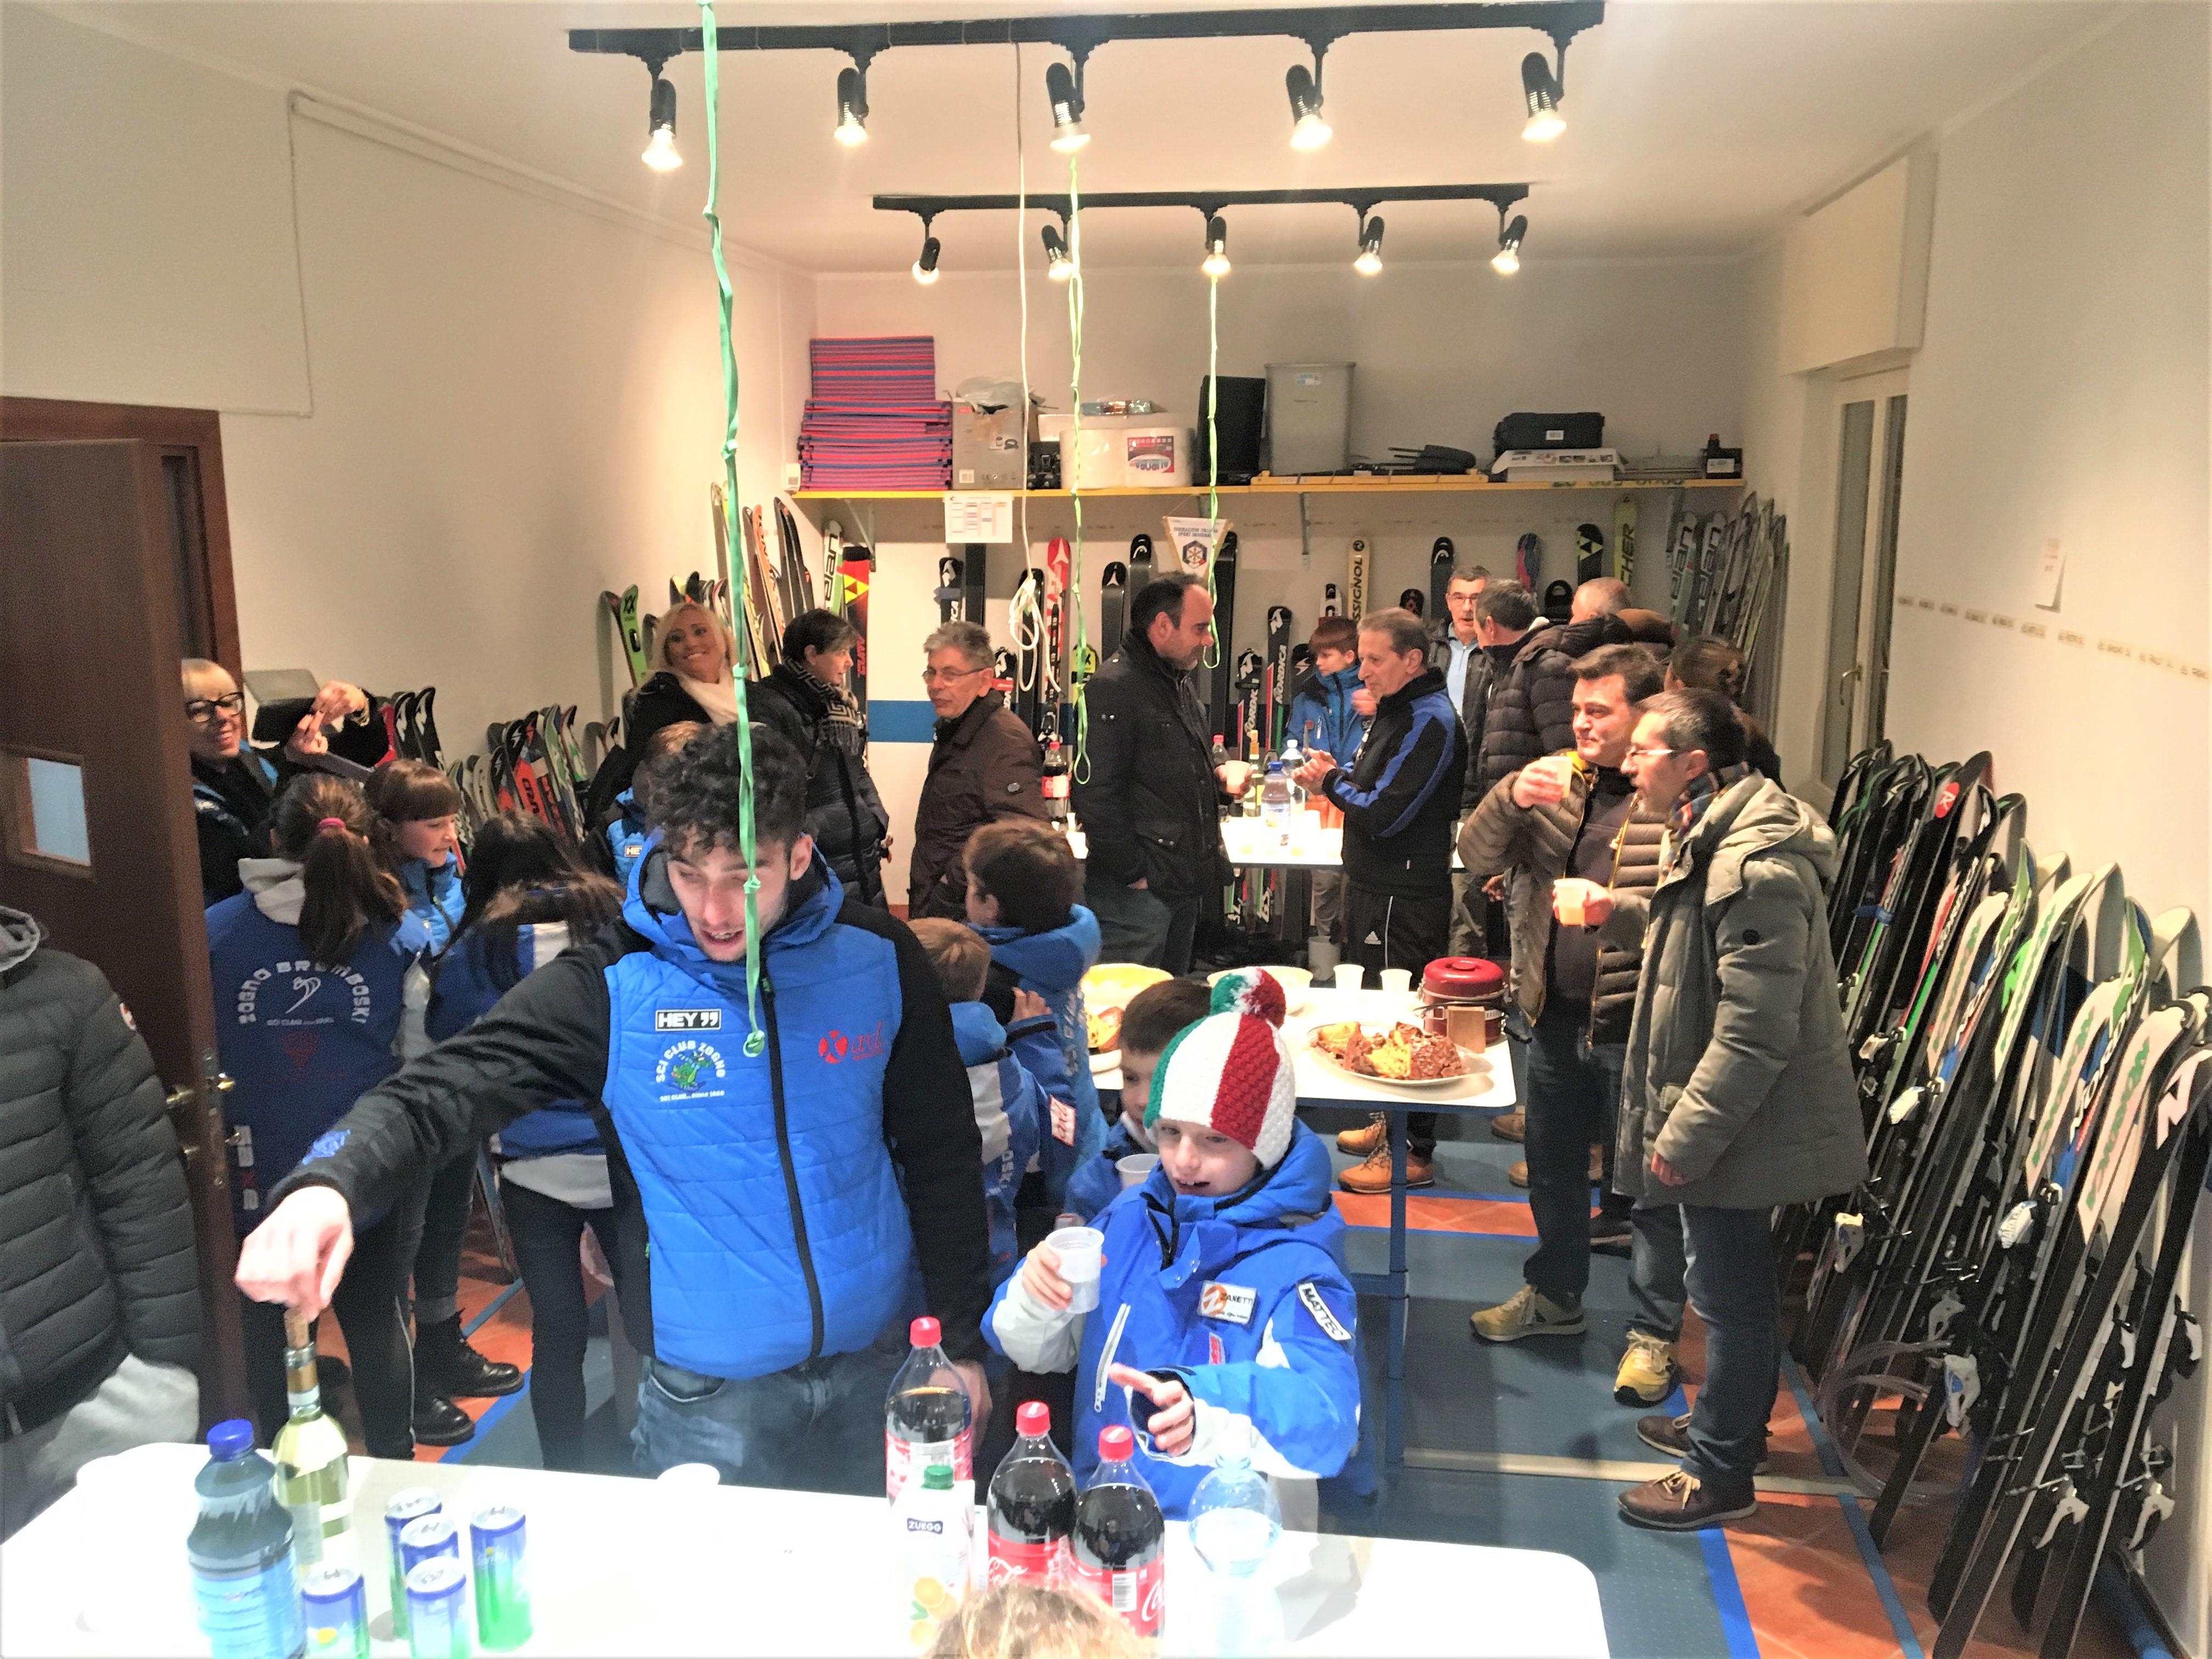 20.12.2018 - Inaugurazione Sede Sci club Zogno (17)